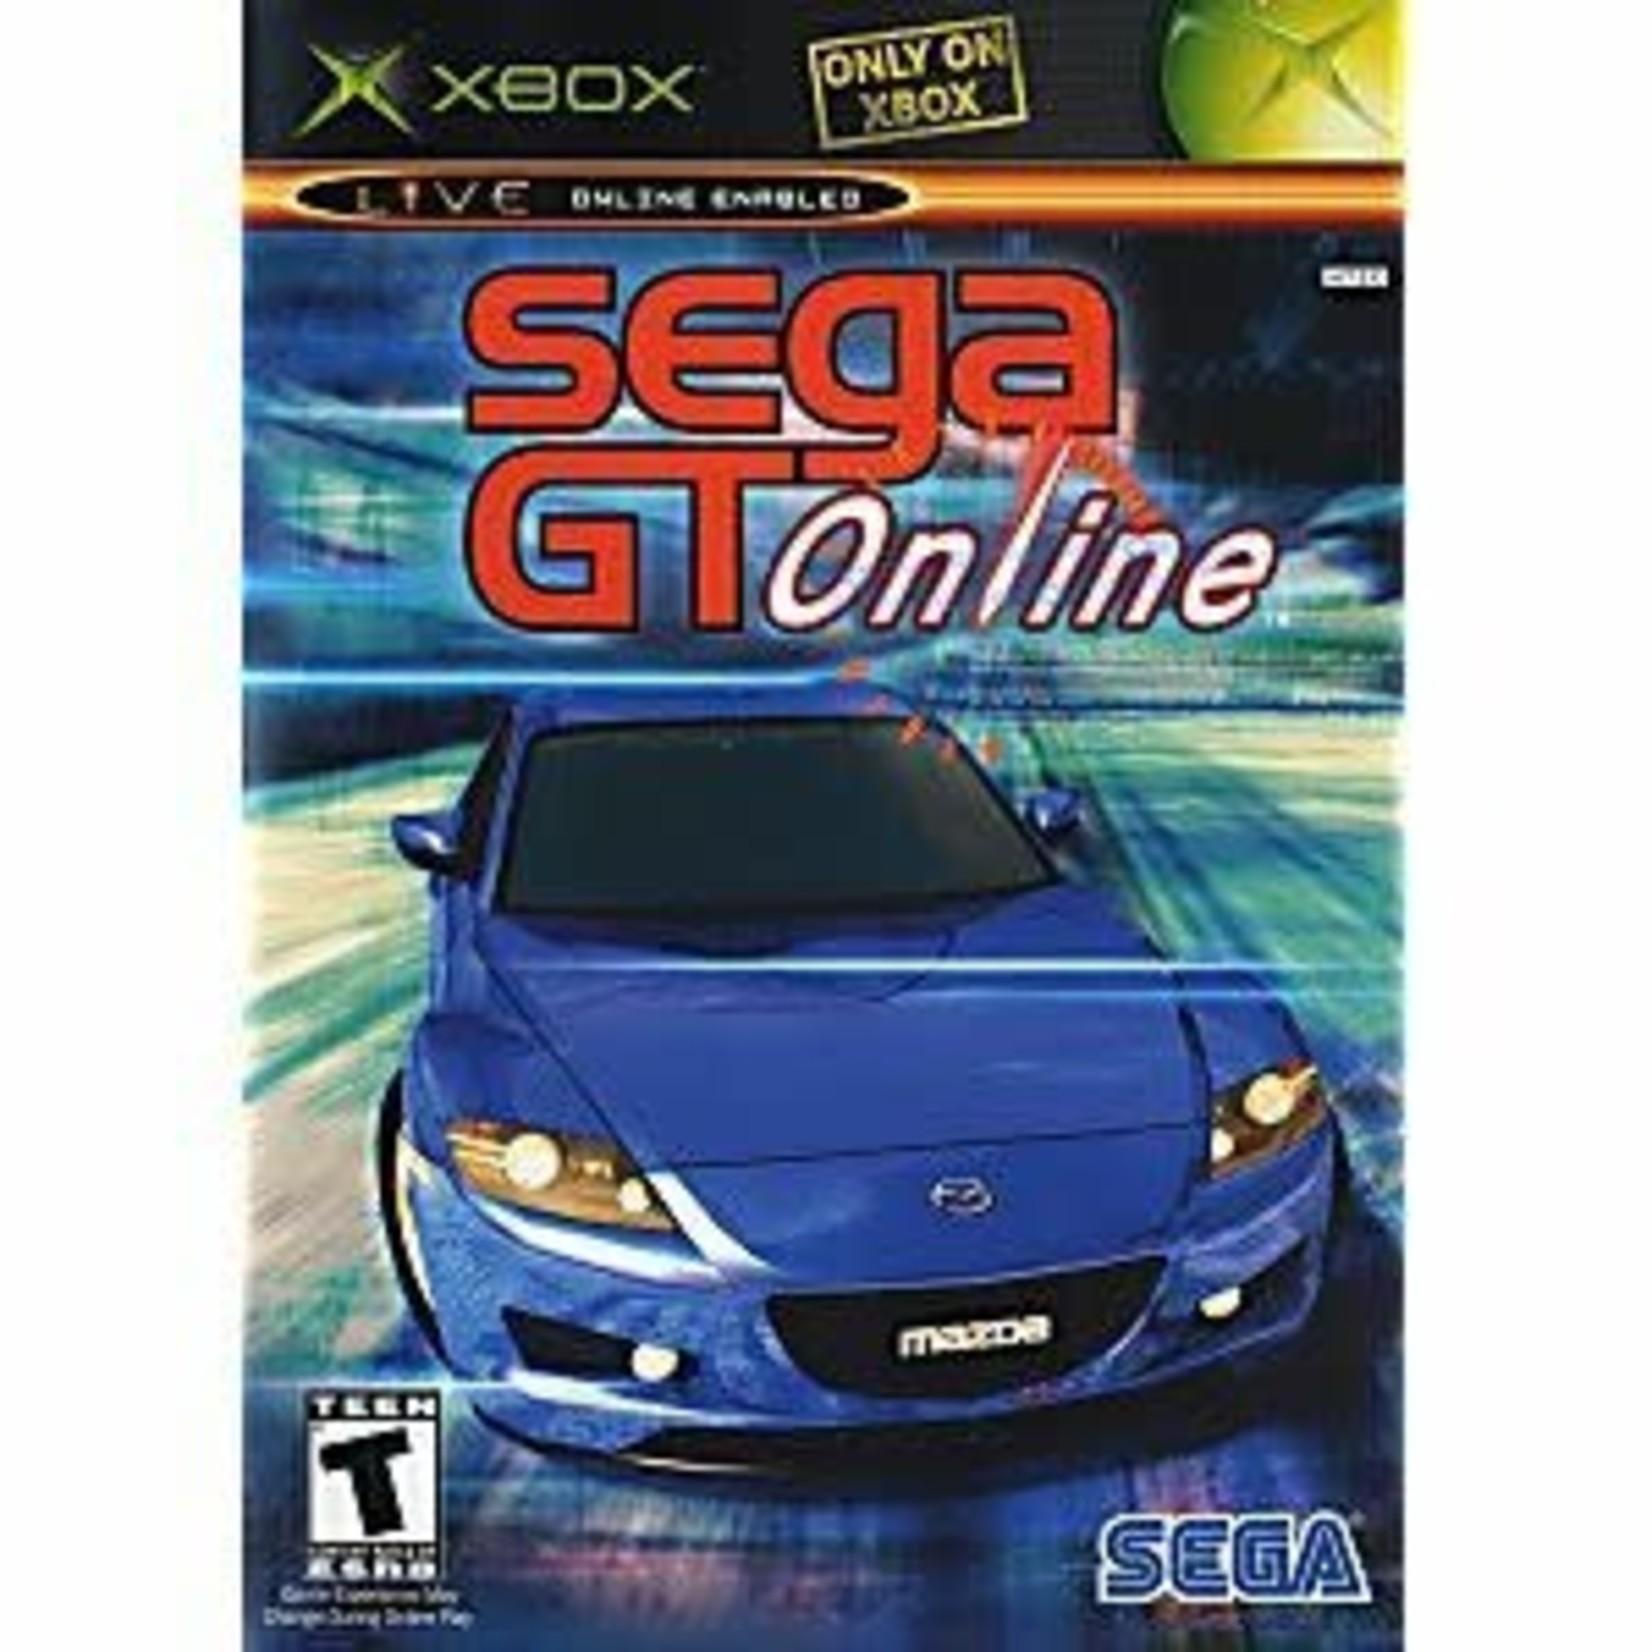 XBU-Sega GT Online